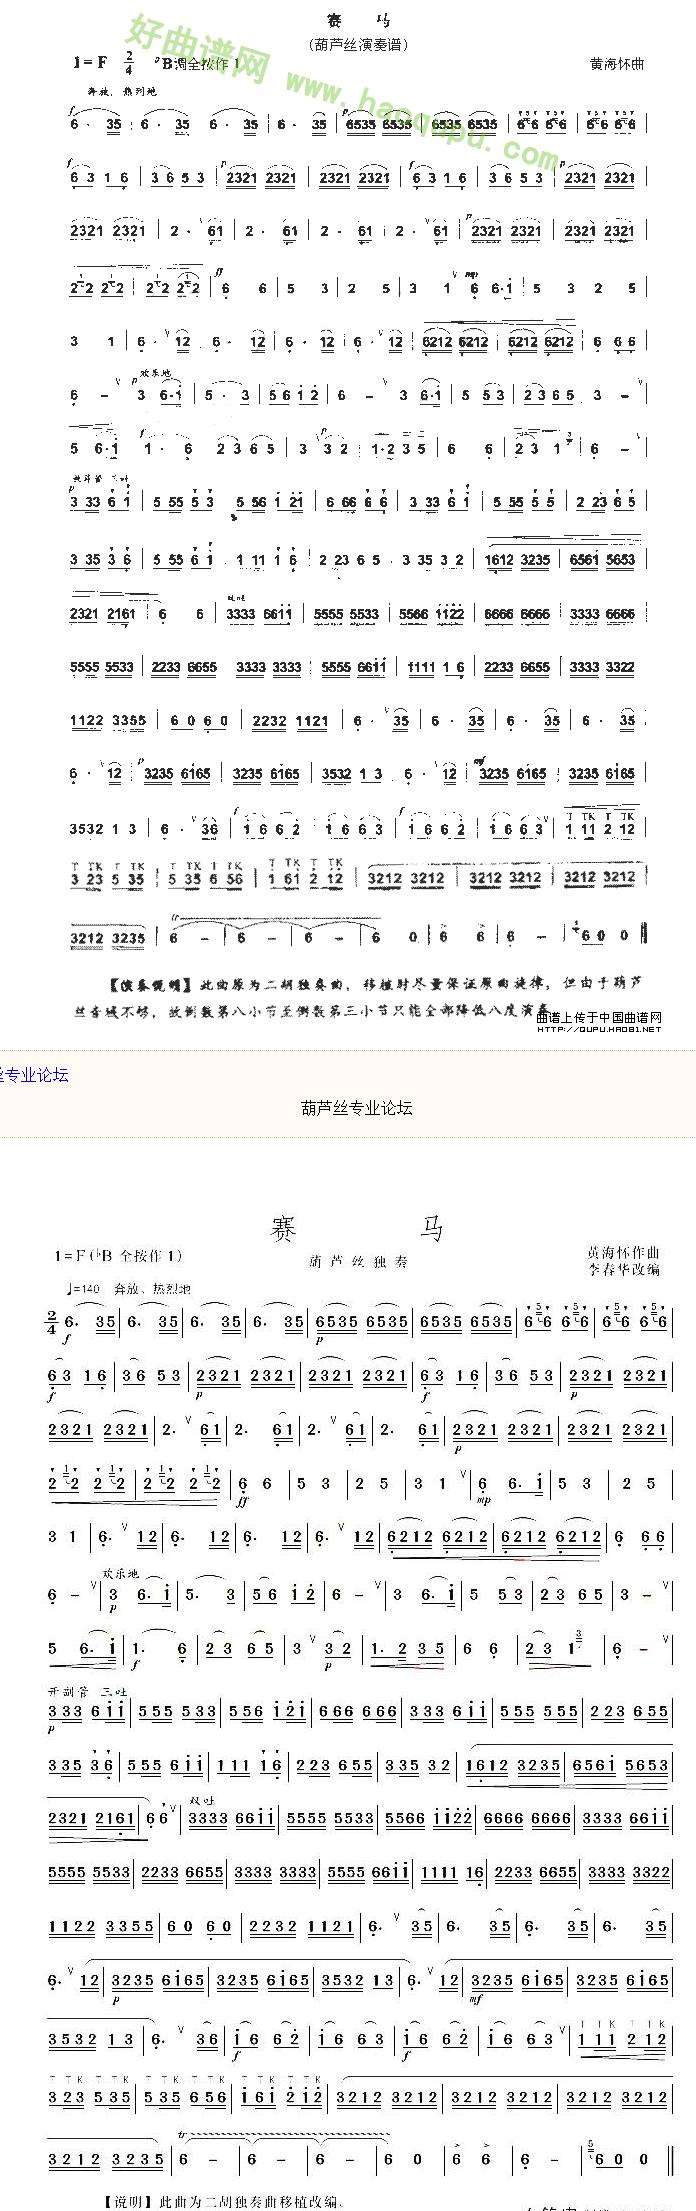 《赛马》 - 葫芦丝曲谱